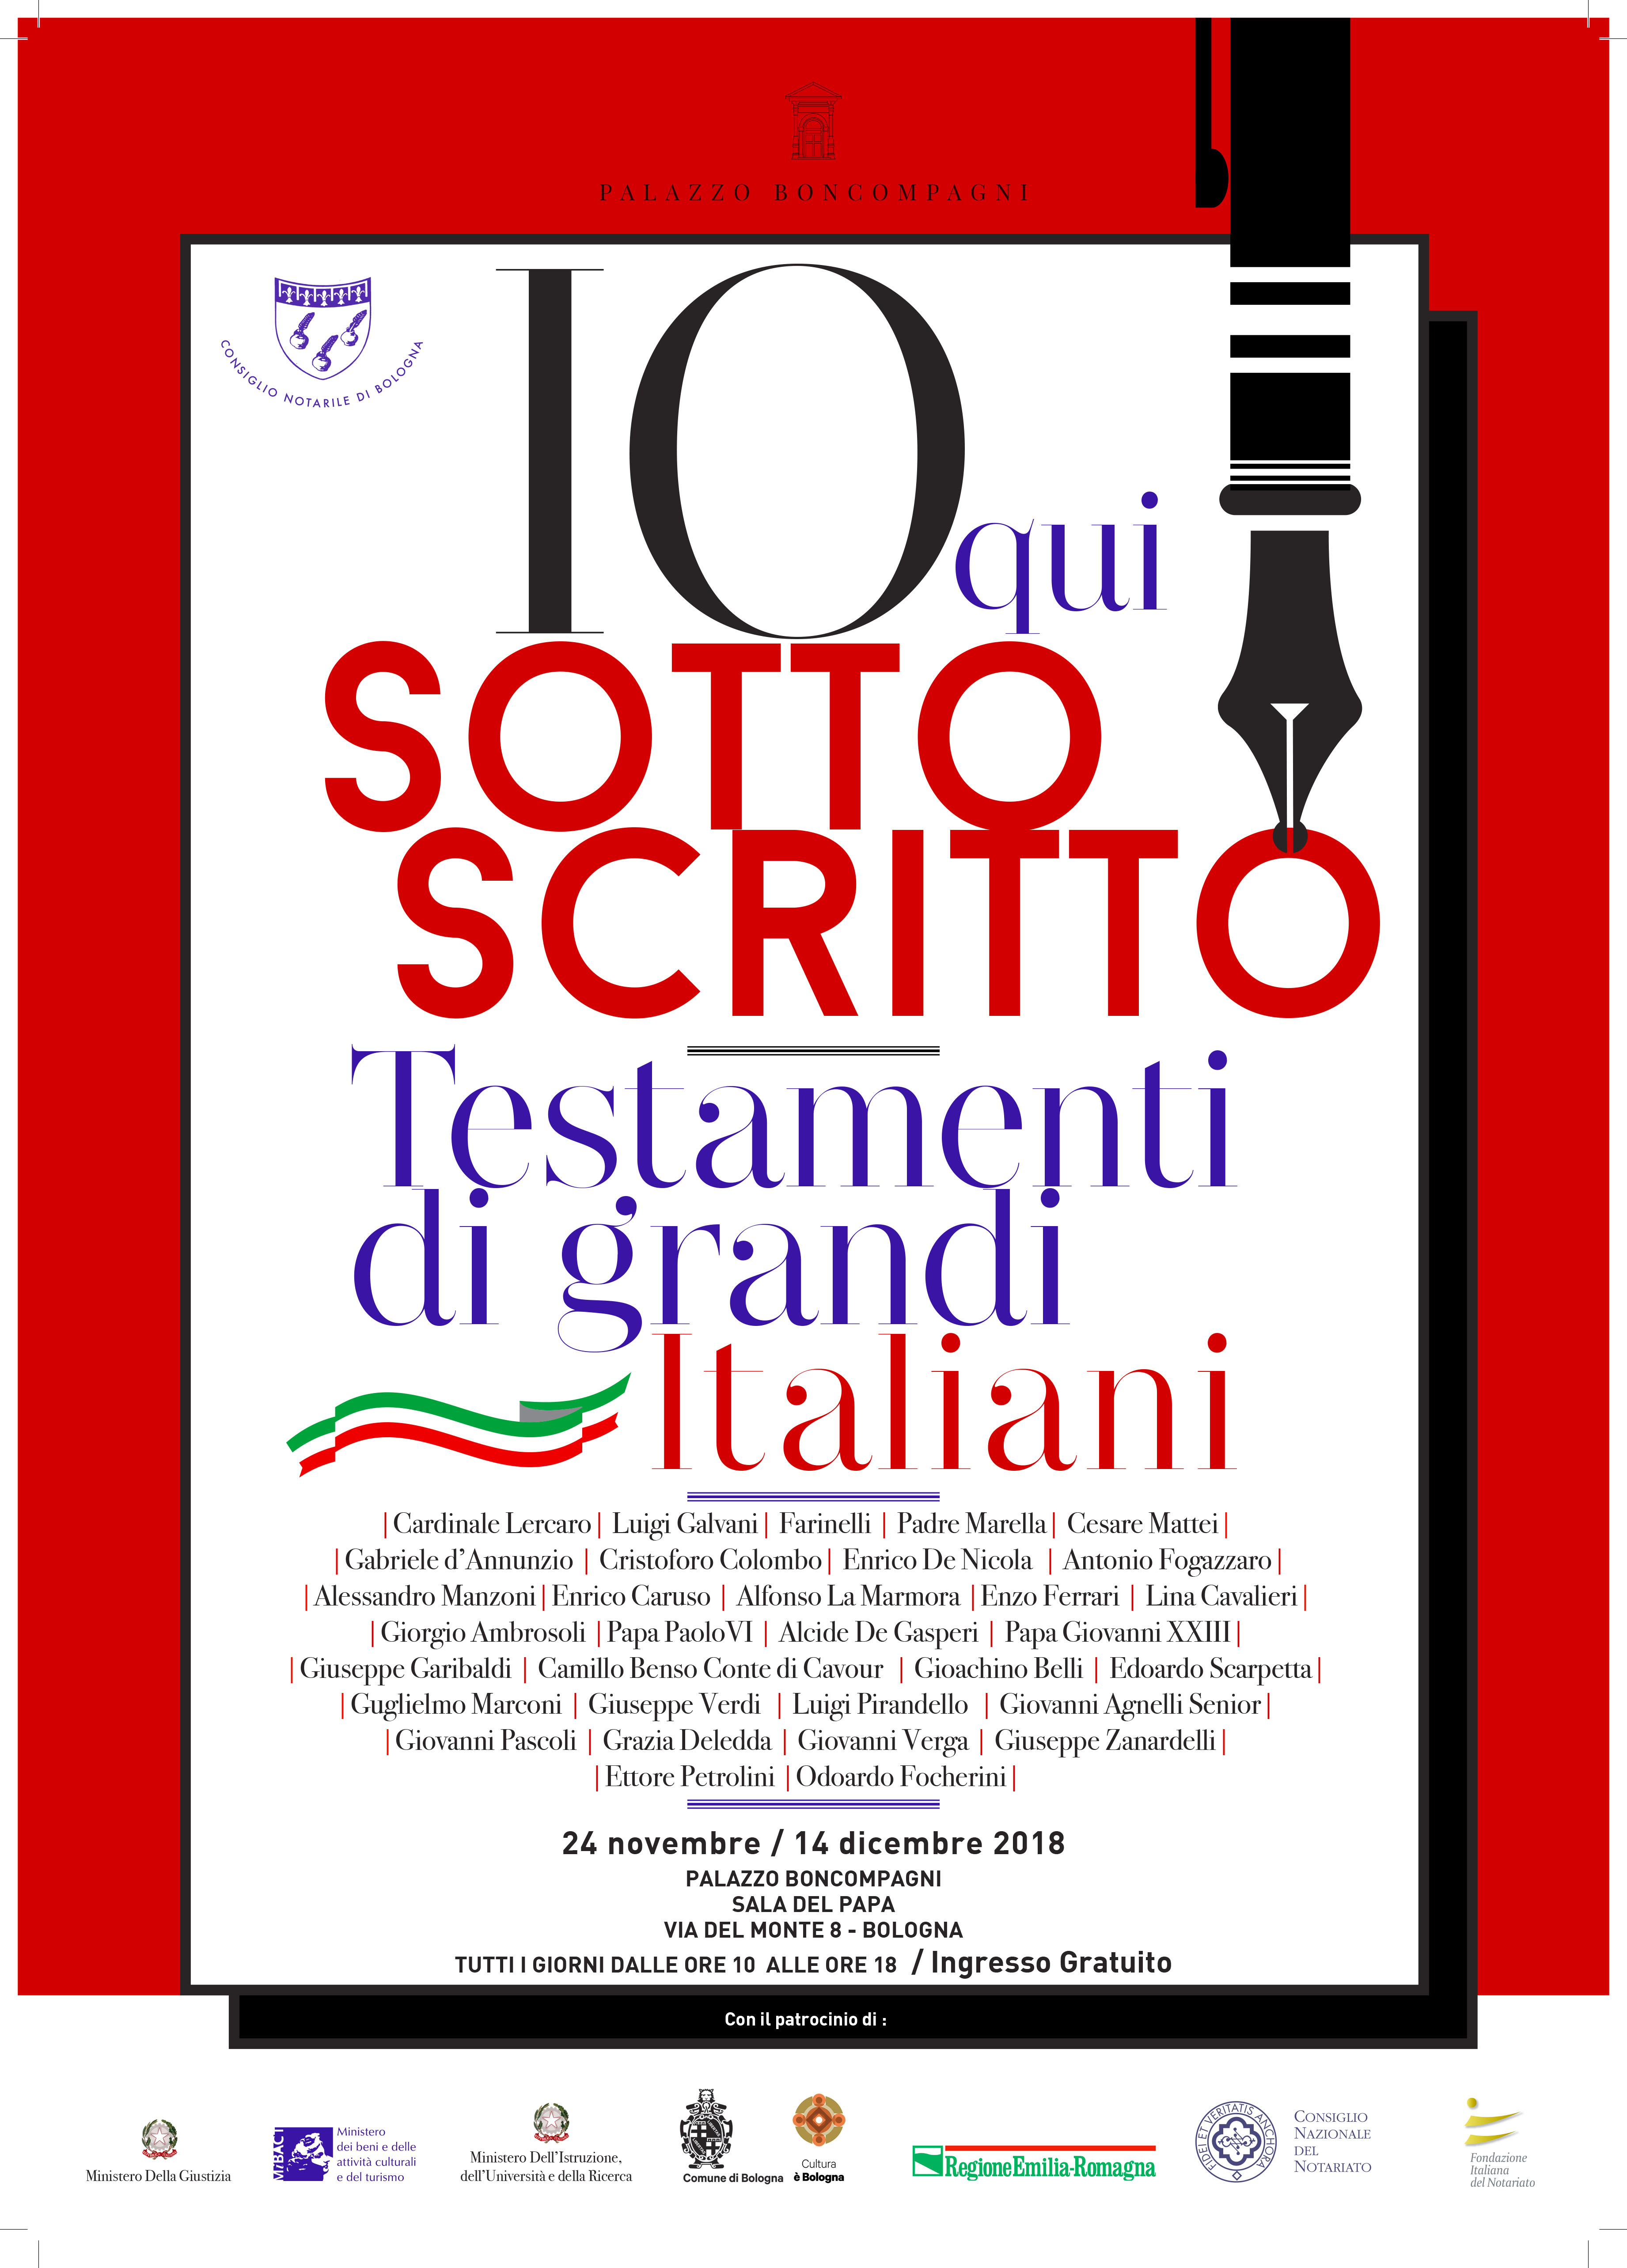 locandina-IO-QUI-SOTTOSCRITTO-1.jpg